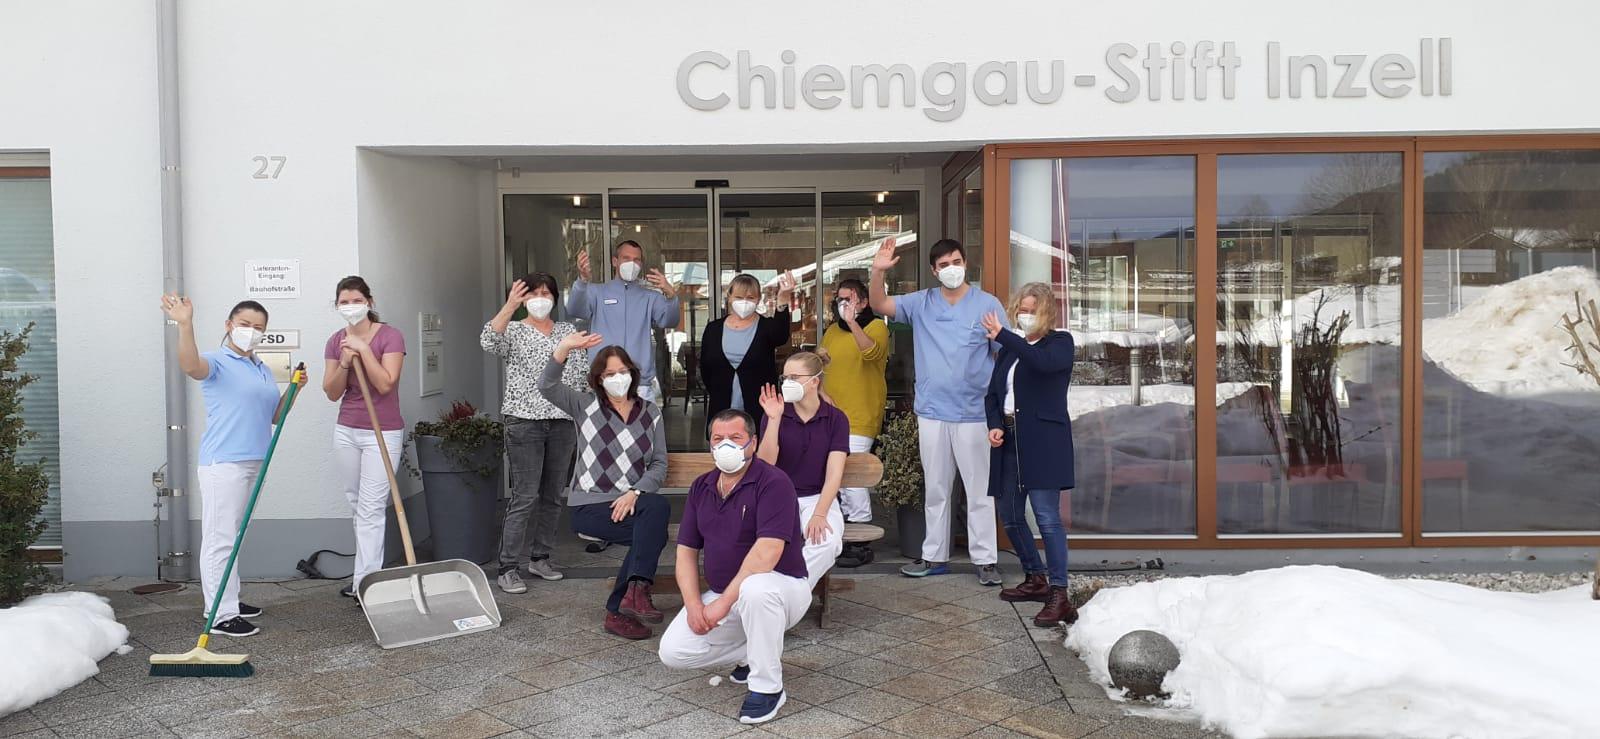 Das Chiemgau-Stift Team freut sich auf neue Kolleginnen und Kollegen. Deshalb jetzt bewerben!